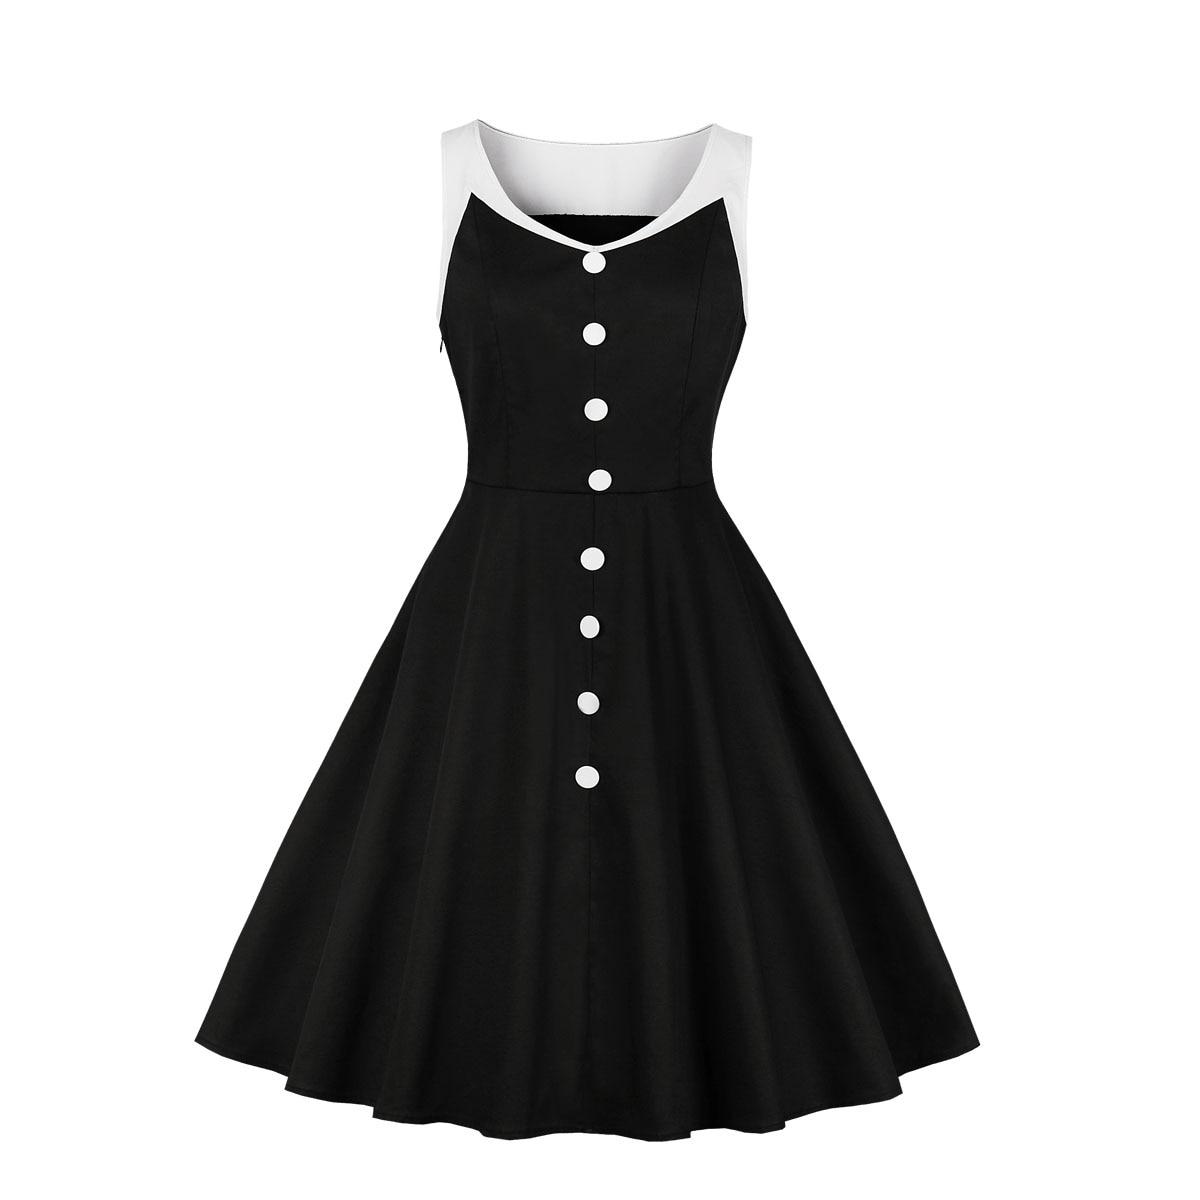 6dd37c0e838 Для женщин  Большие размеры 50 s 60 s ретро Винтаж лоскутное платье без  рукавов Лето